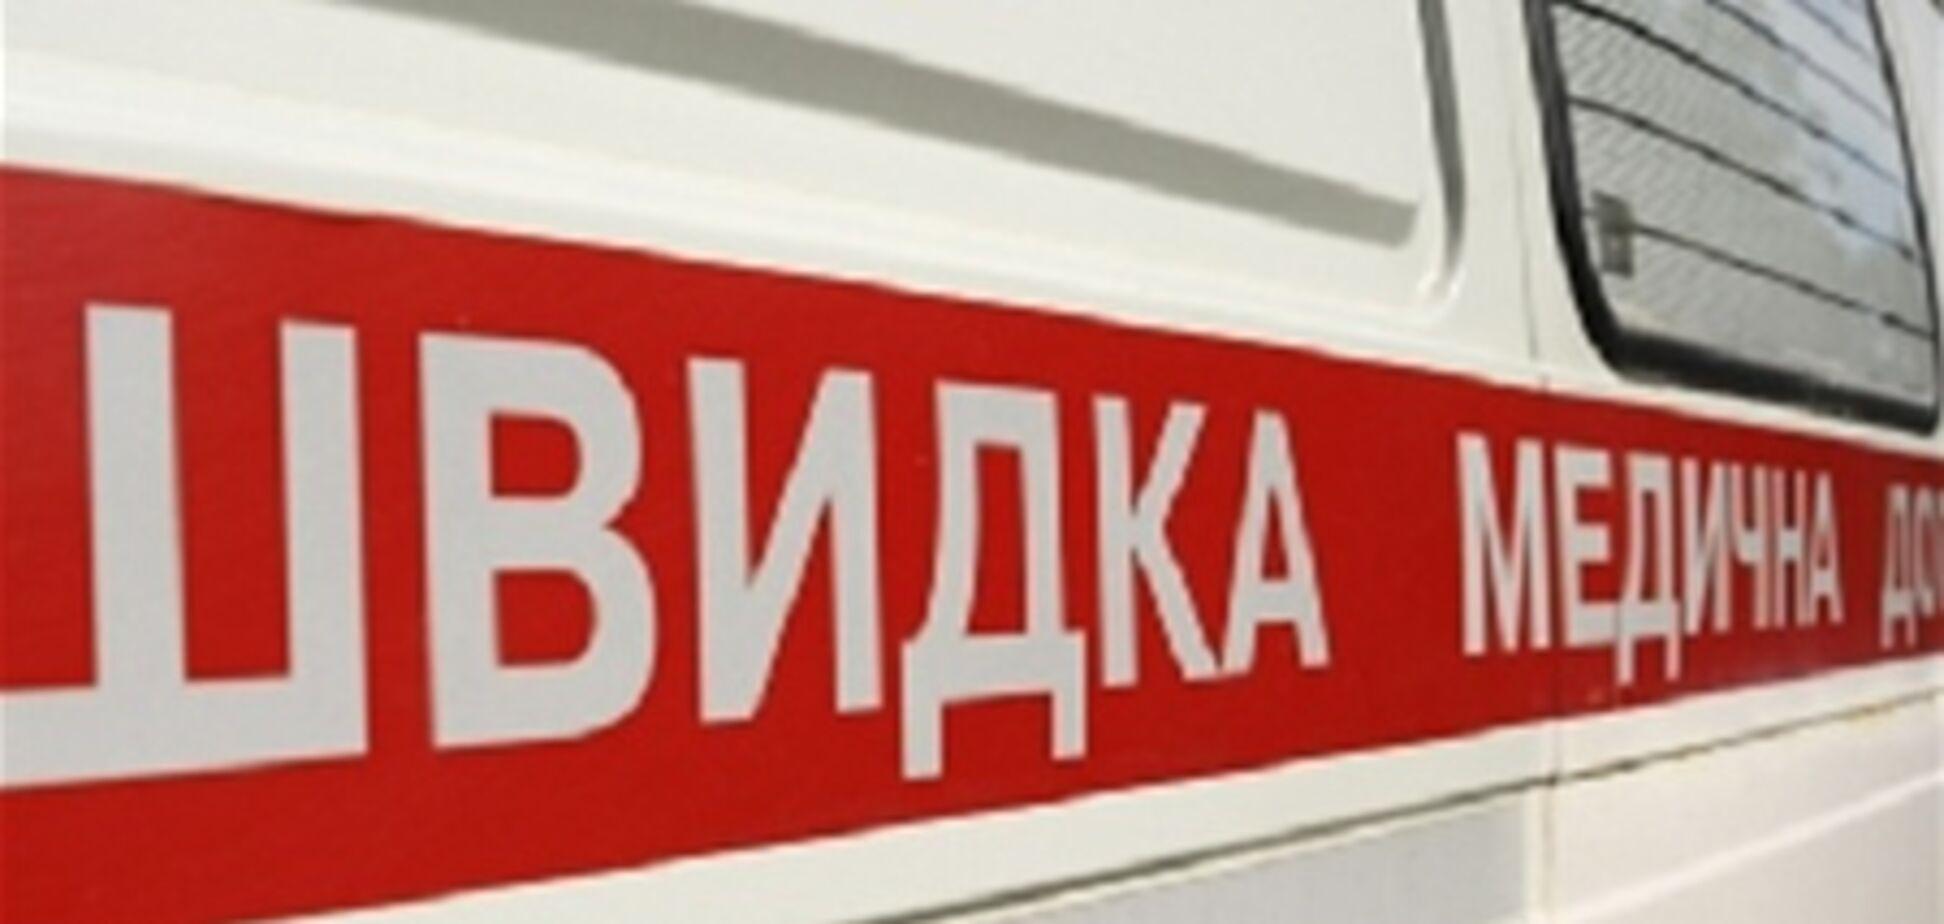 Под Киевом водитель совершил самосожжение при встрече с ГАИ